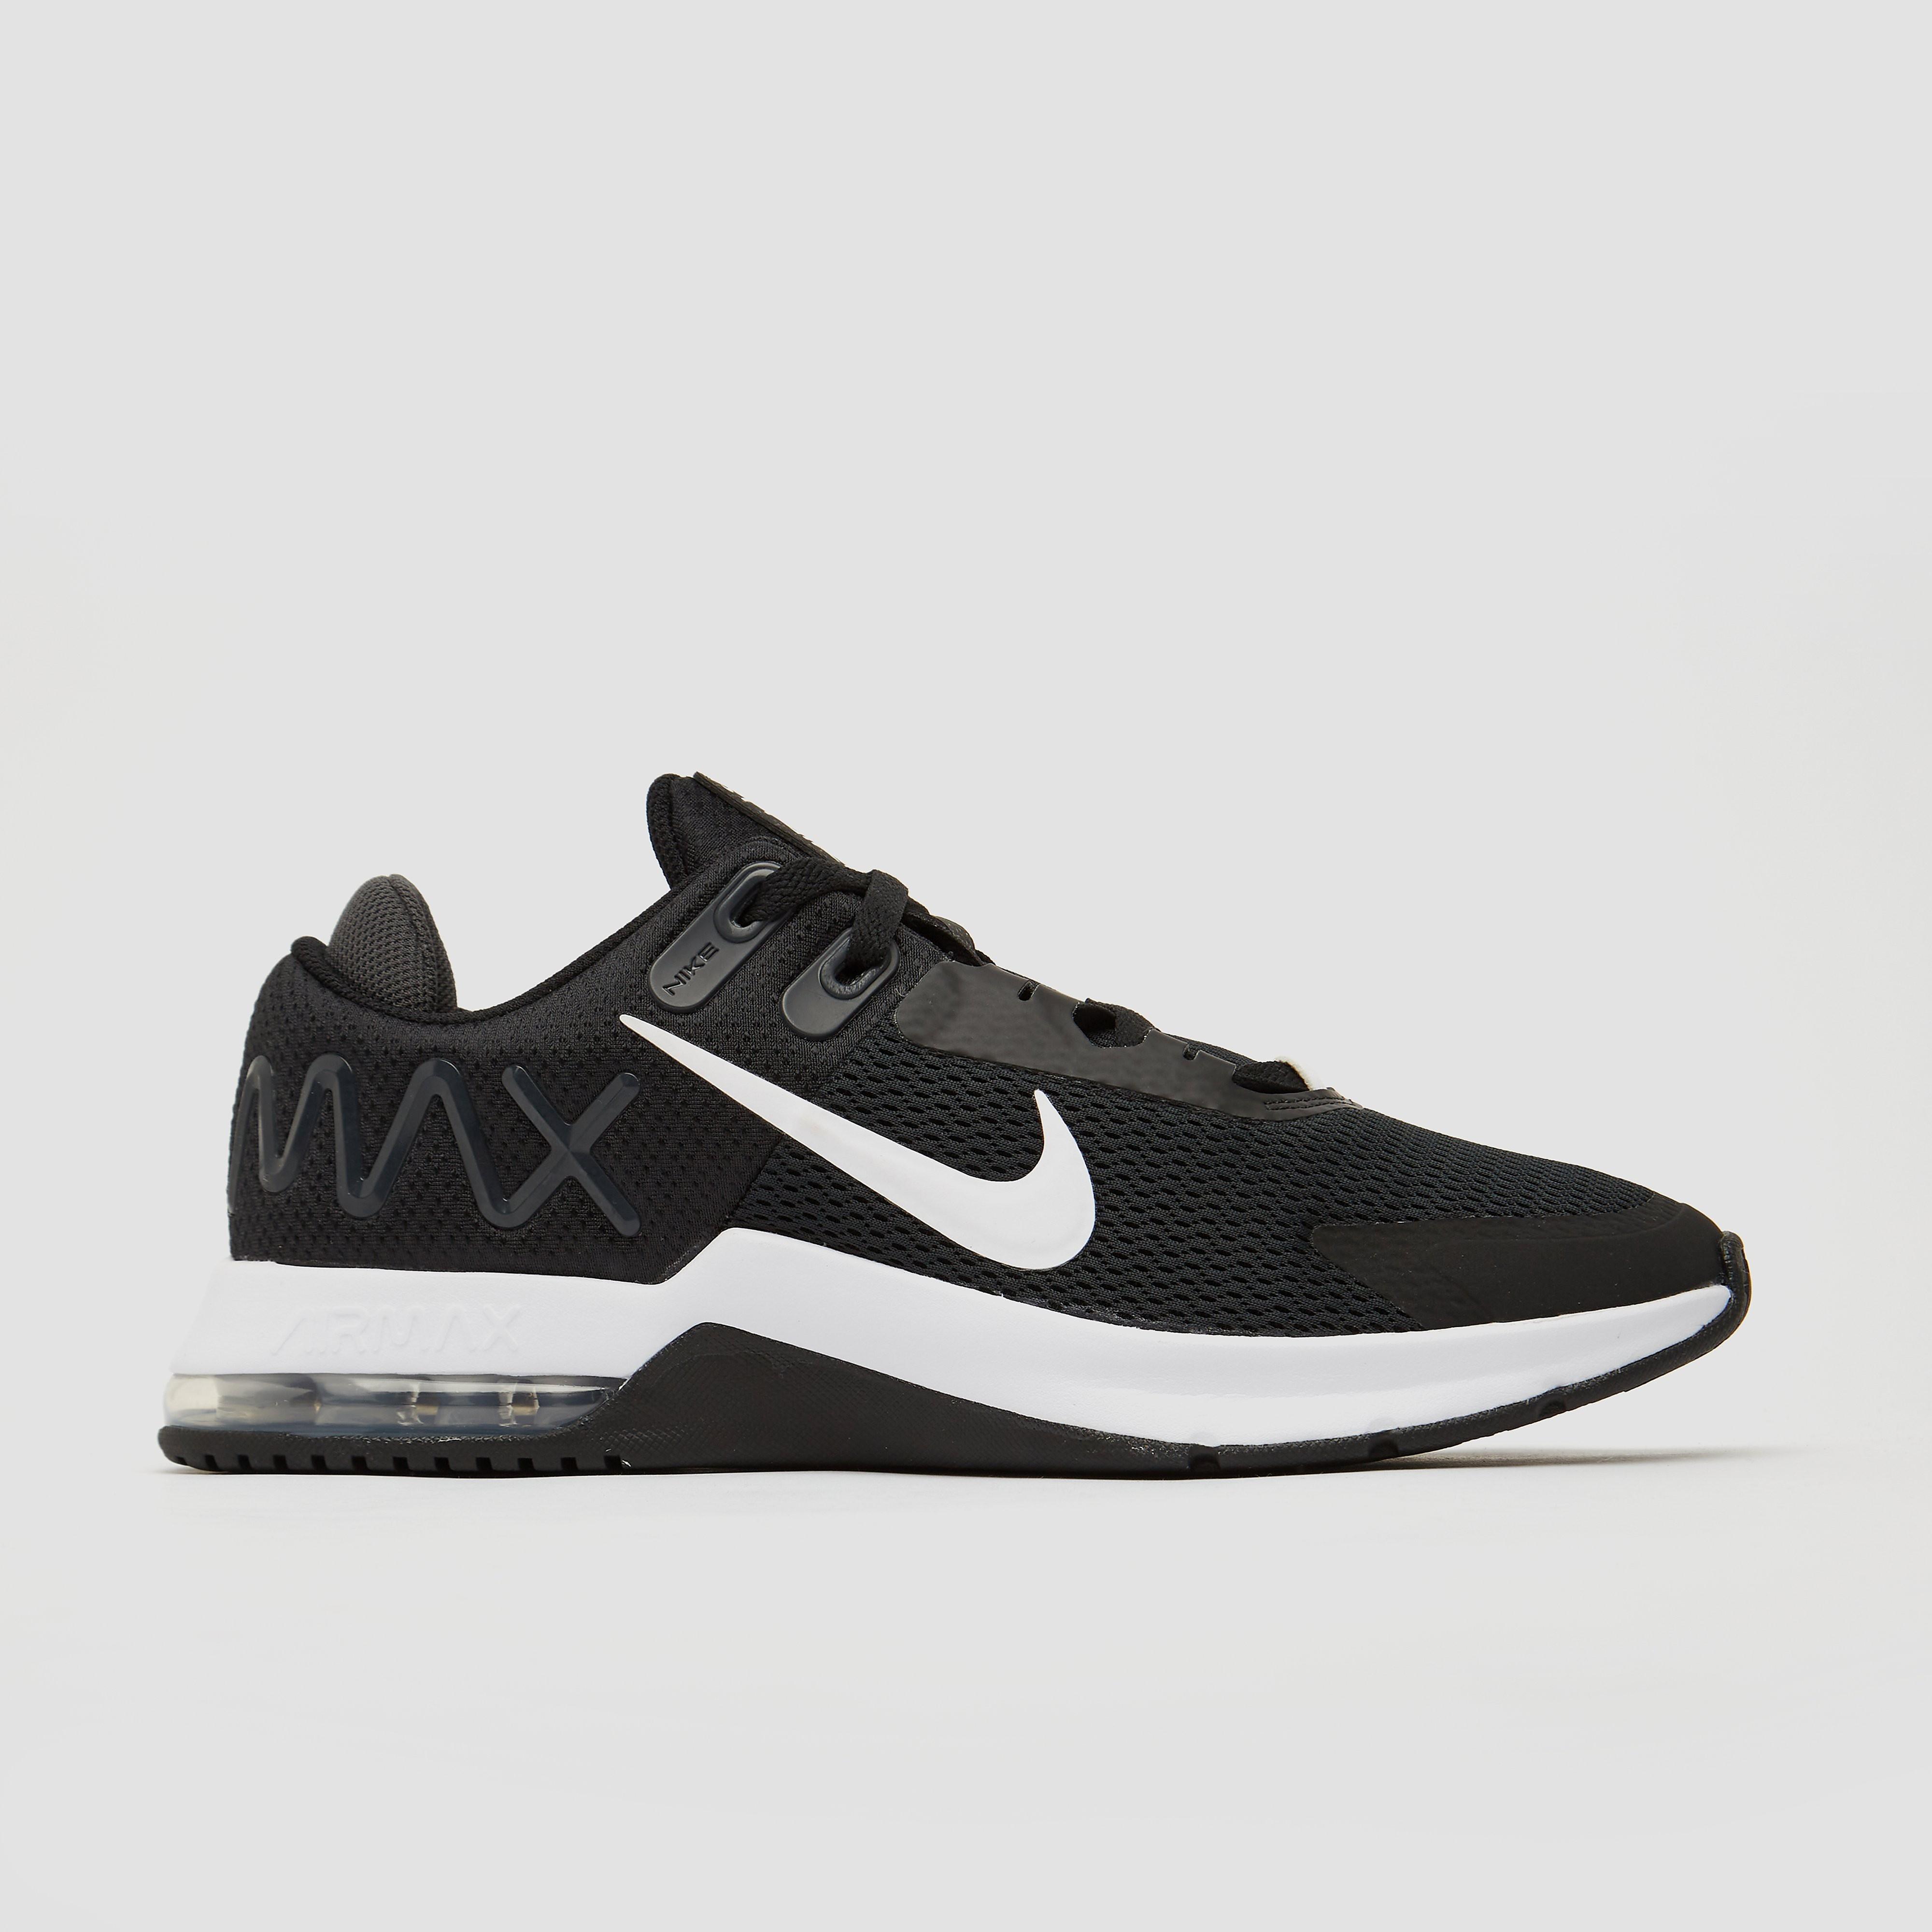 Nike Air Max Alpha Trainer 4 fitness schoenen zwart/wit/antraciet online kopen